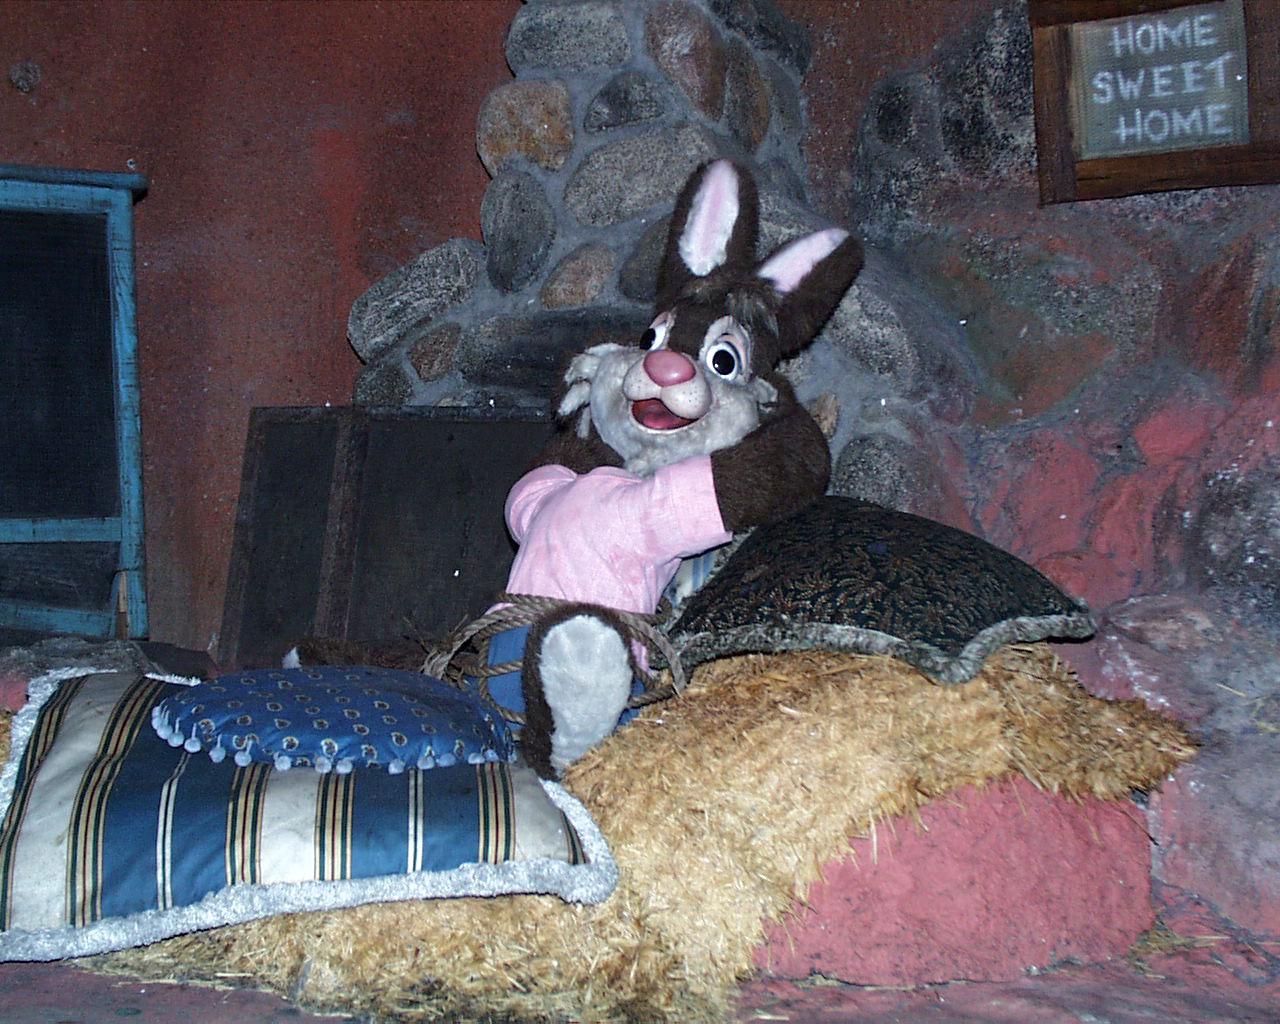 Brer Rabbit Disney Splash Mountain Brer Rabbit Splash